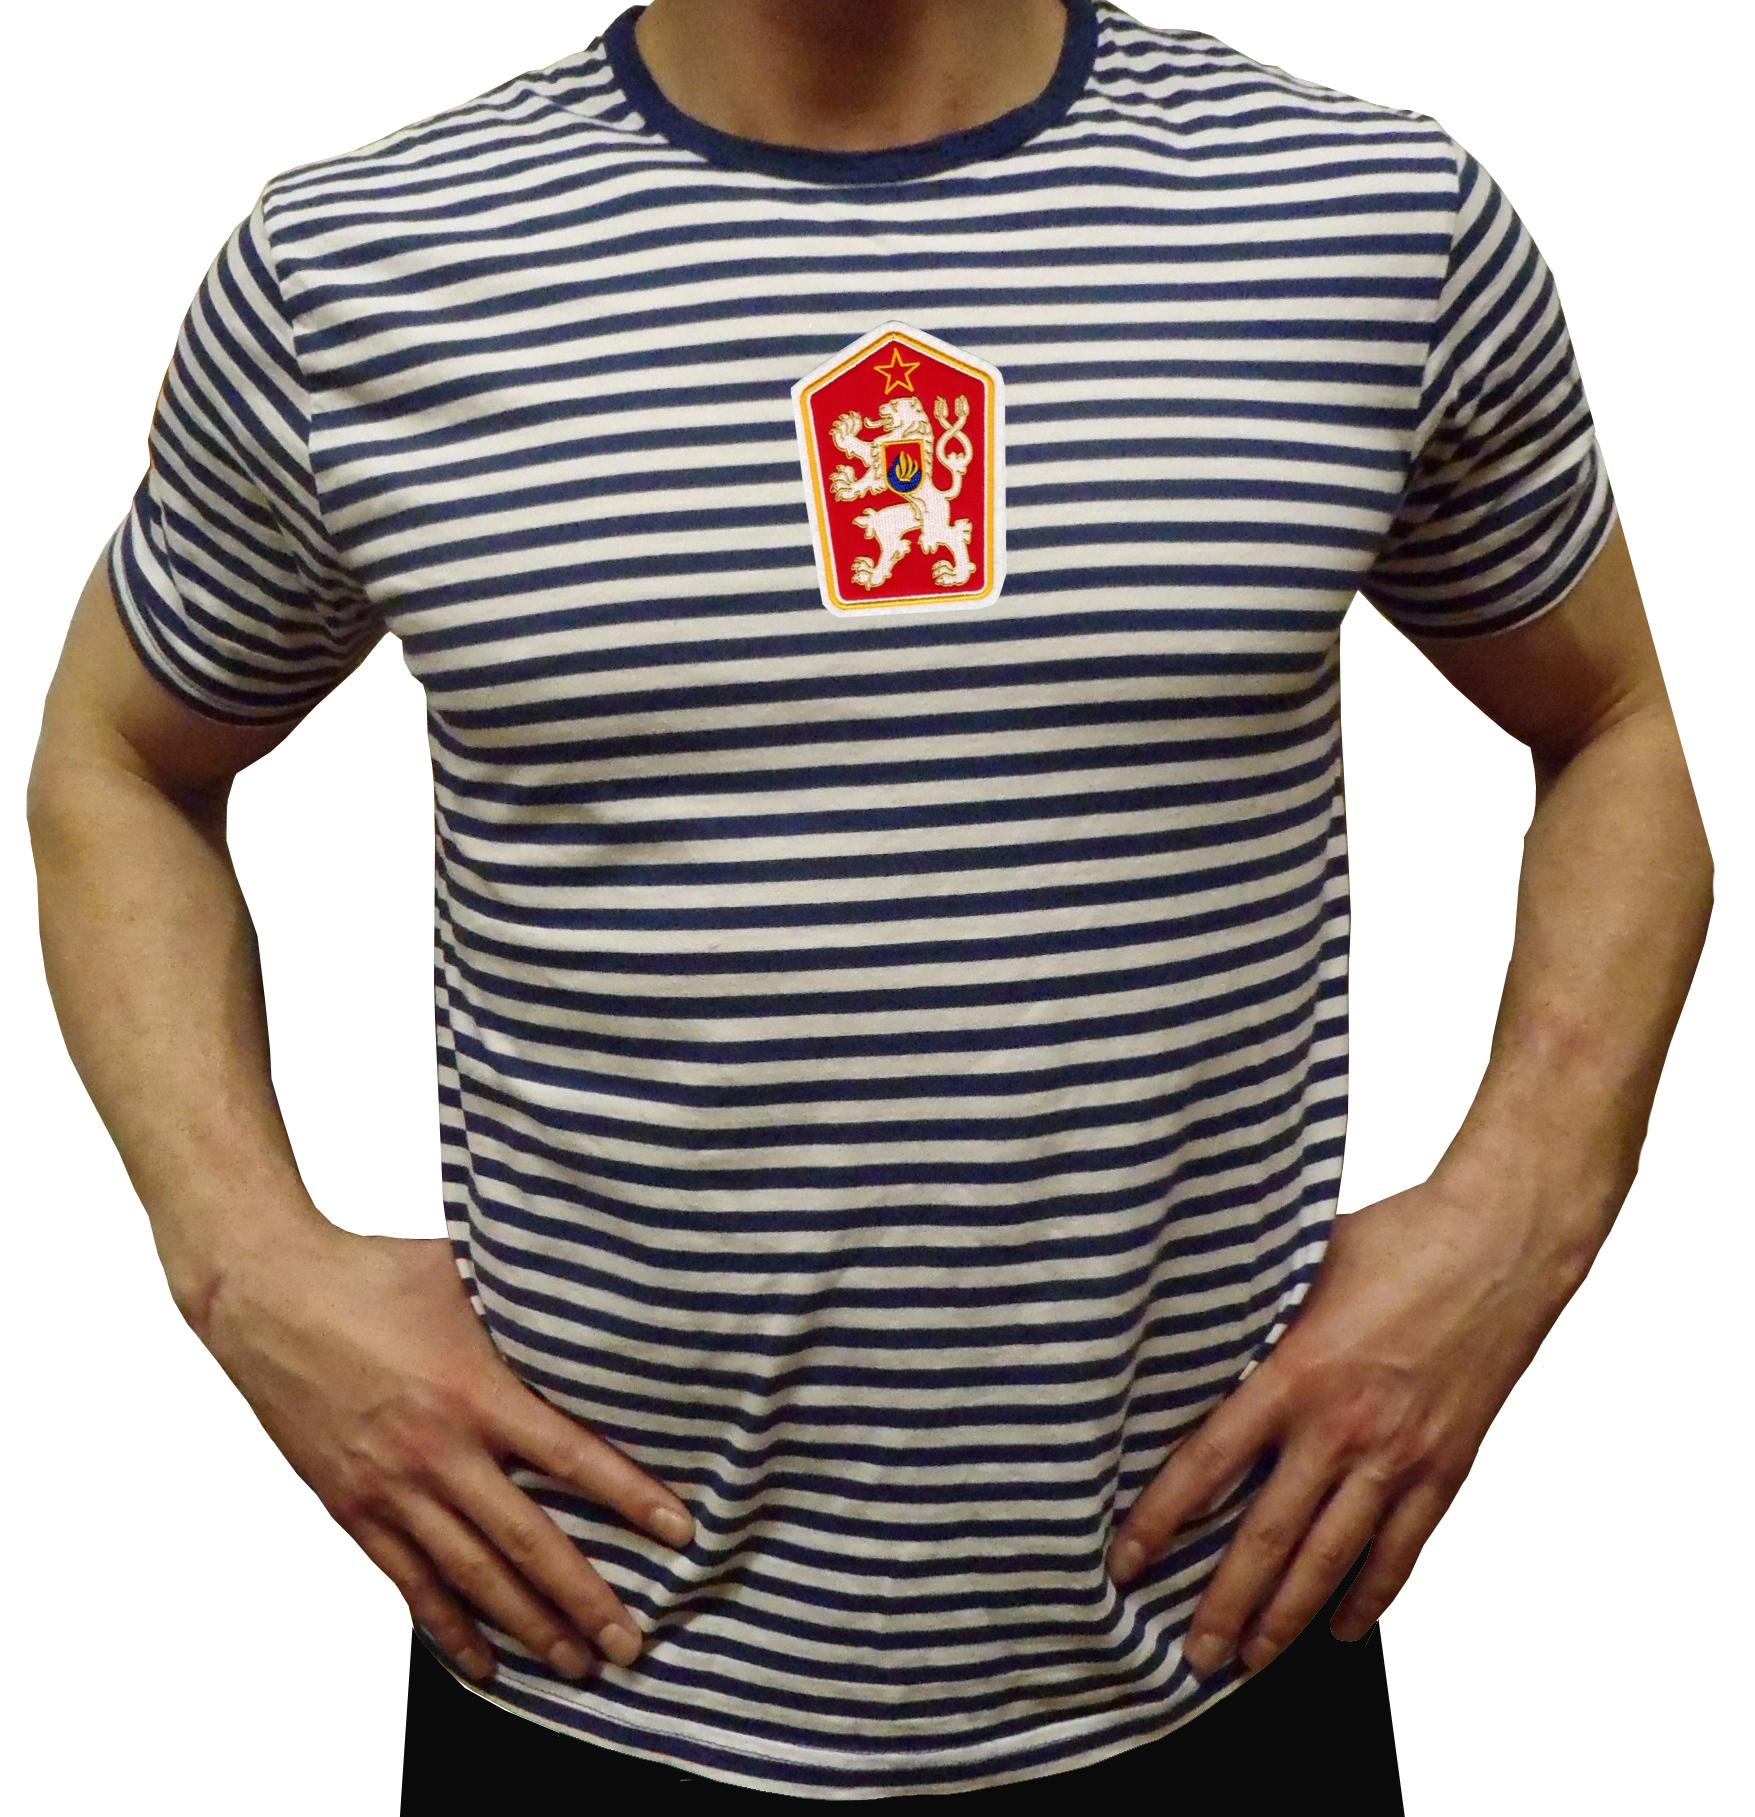 Trops-Sport Námořnické tričko TOP ČSSR Velikost: XL, Lze dotisknout: Vzhled dle obrázku